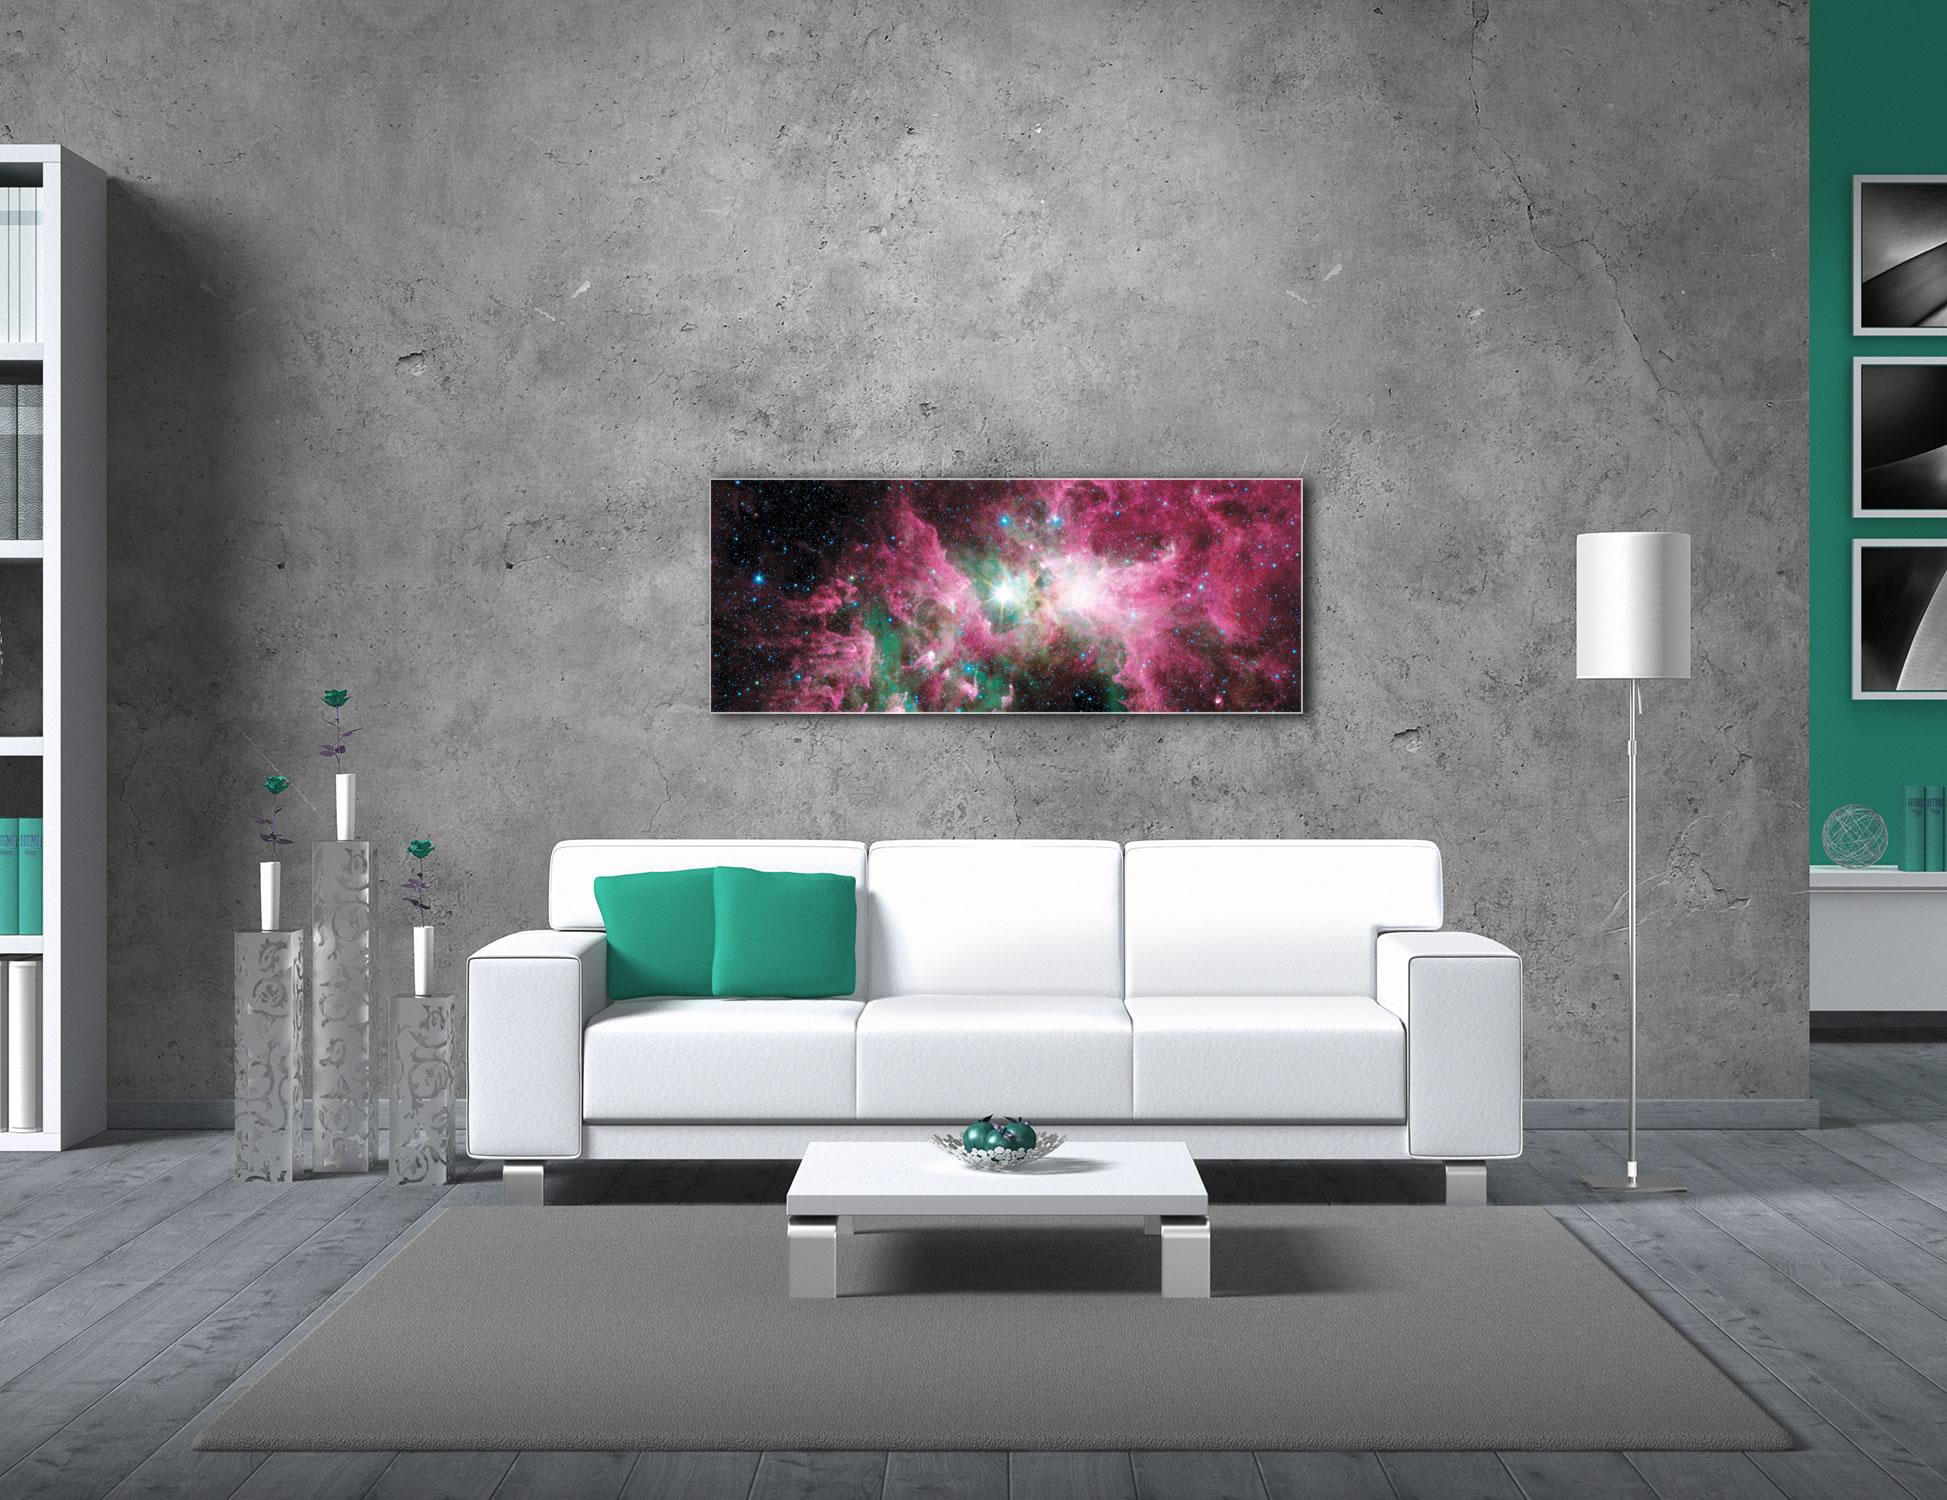 Carina Nebula - Modern Wall Decor - Lifestyle Image